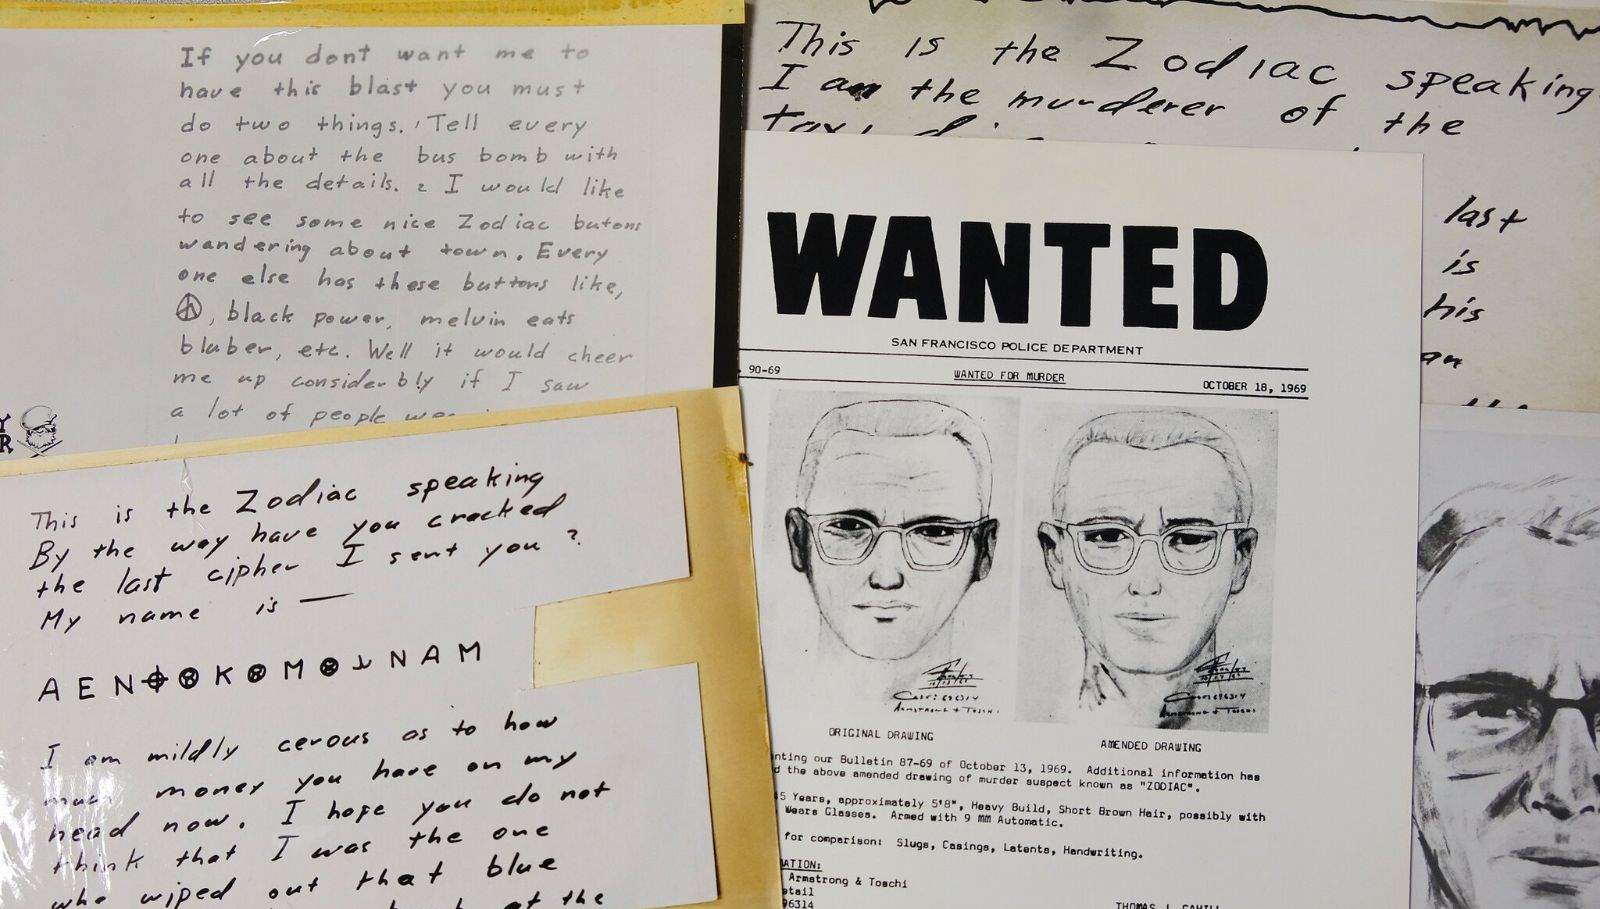 ABD'de seri katil 'Zodyak'ın şifresi 51 yıl sonra çözüldü, OkuGit.Com - Tarih, Güncel, Kadın, Sağlık, Moda Bilgileri Genel Bloğu